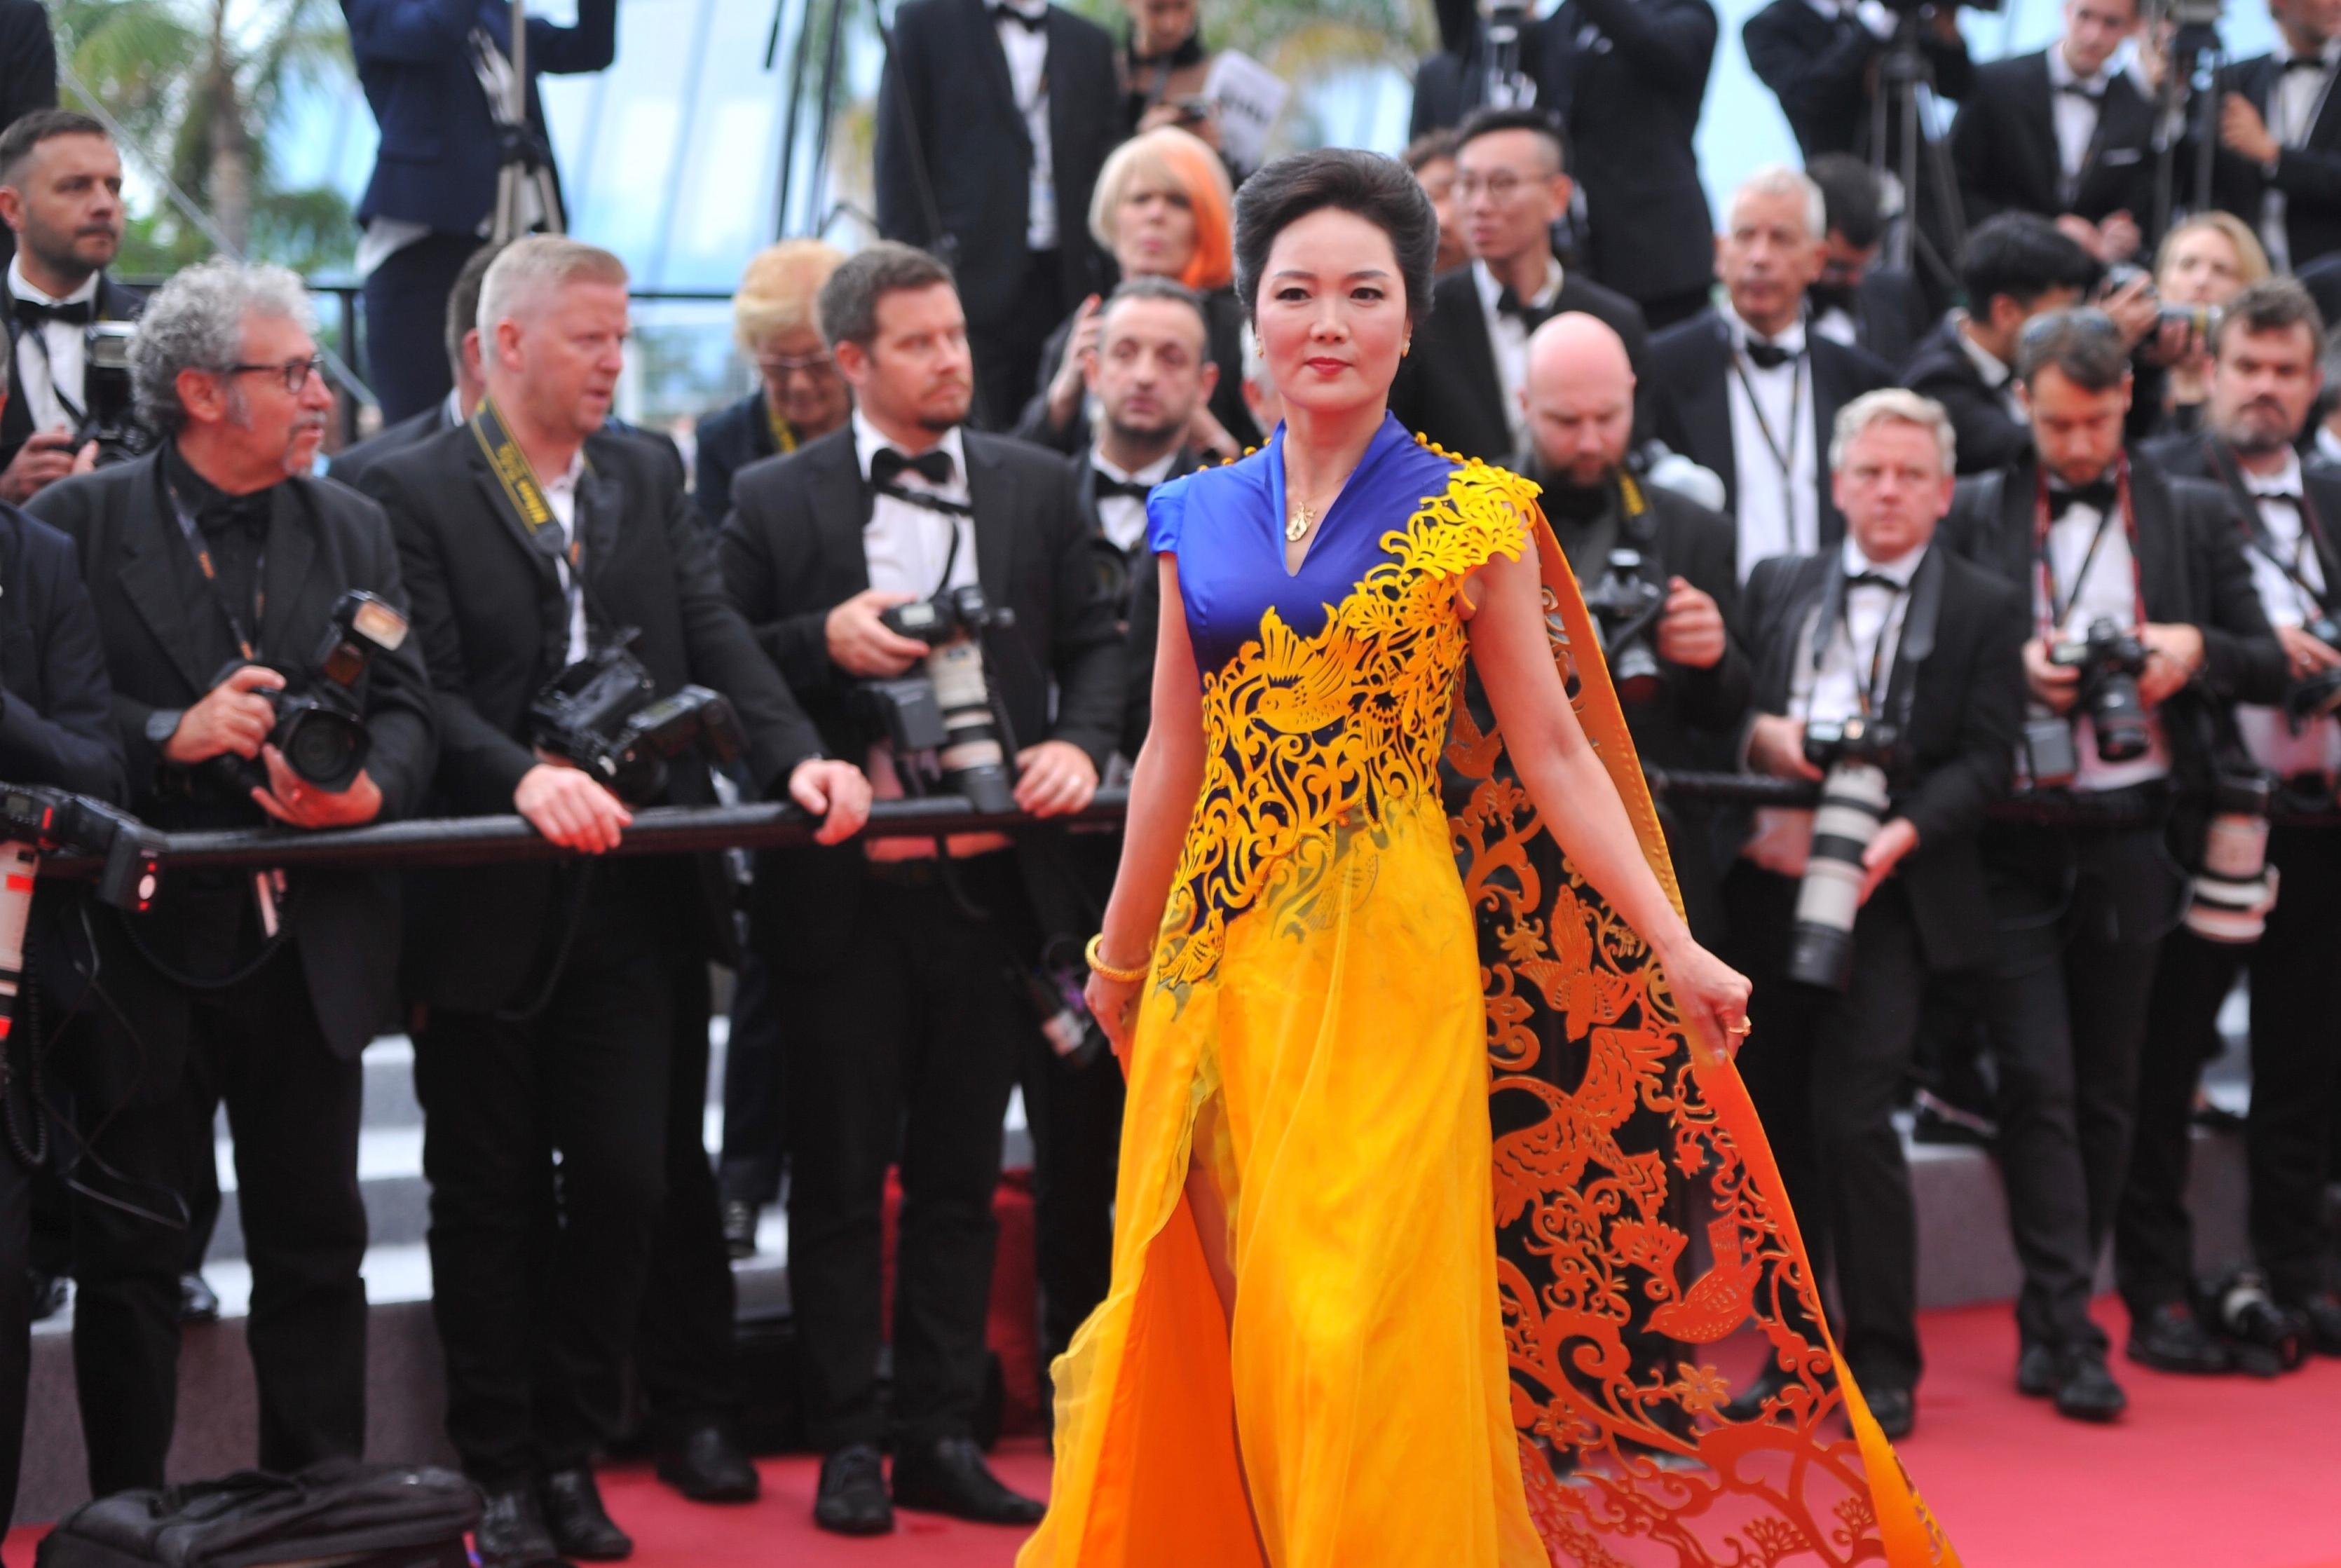 田婧金色旅游小姐使者爱情冠军亮相第71届戛纳电影节红毯世界电影网统计图片